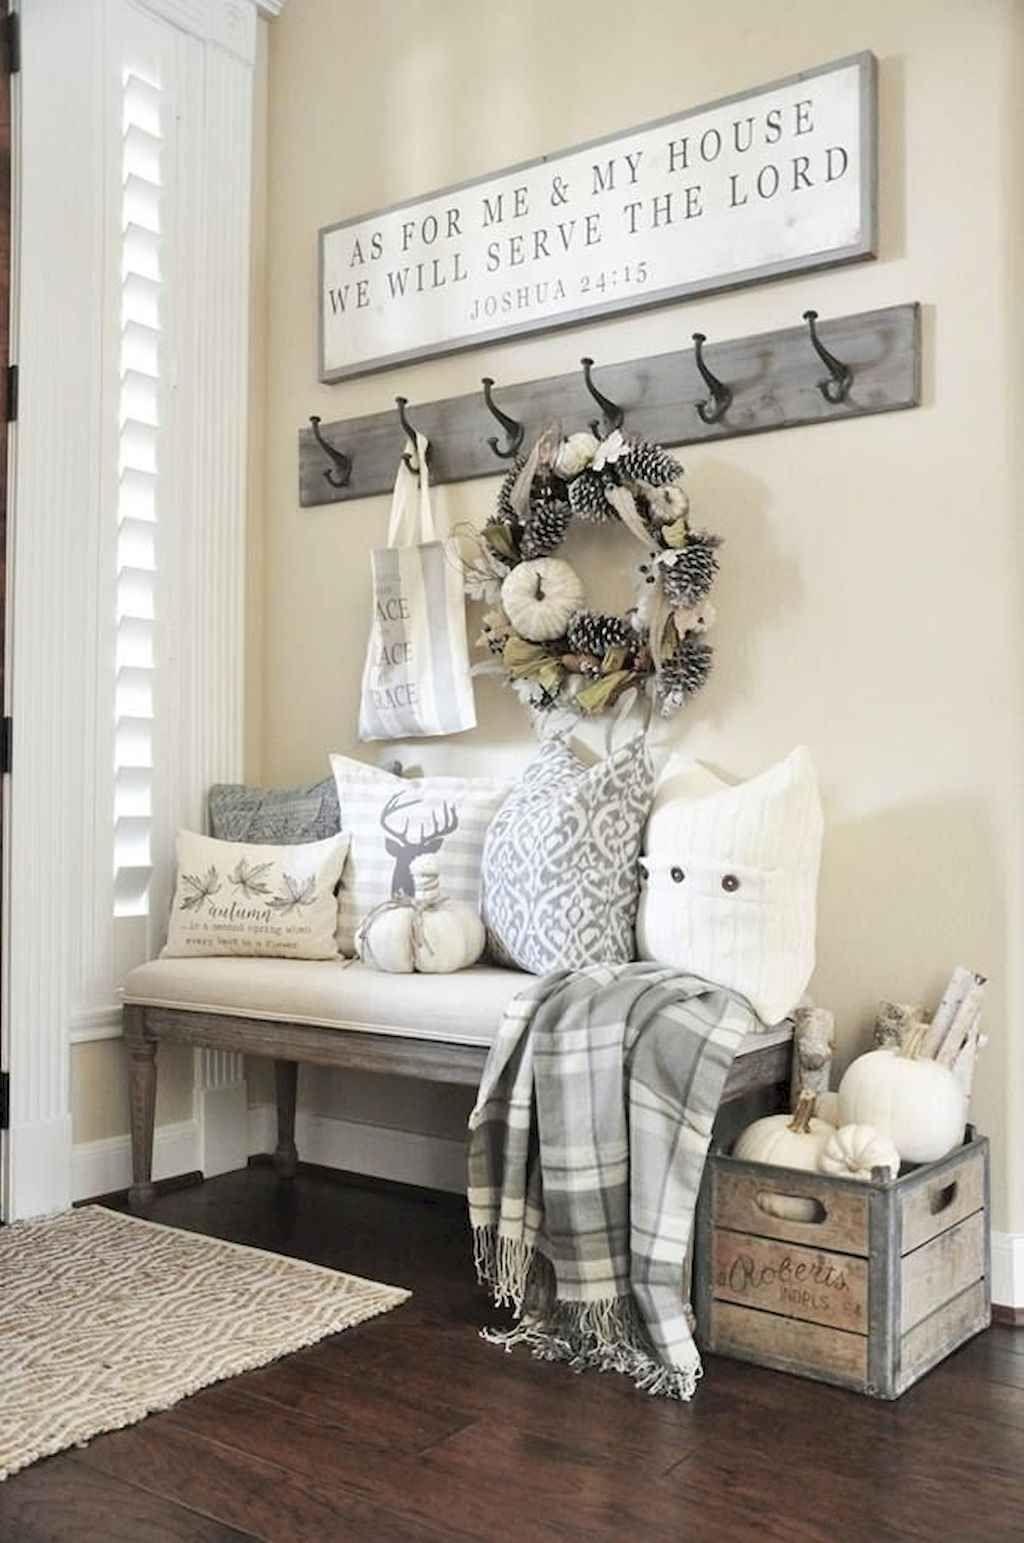 Popular Farmhouse Home Decor Ideas To Copy Asap 35